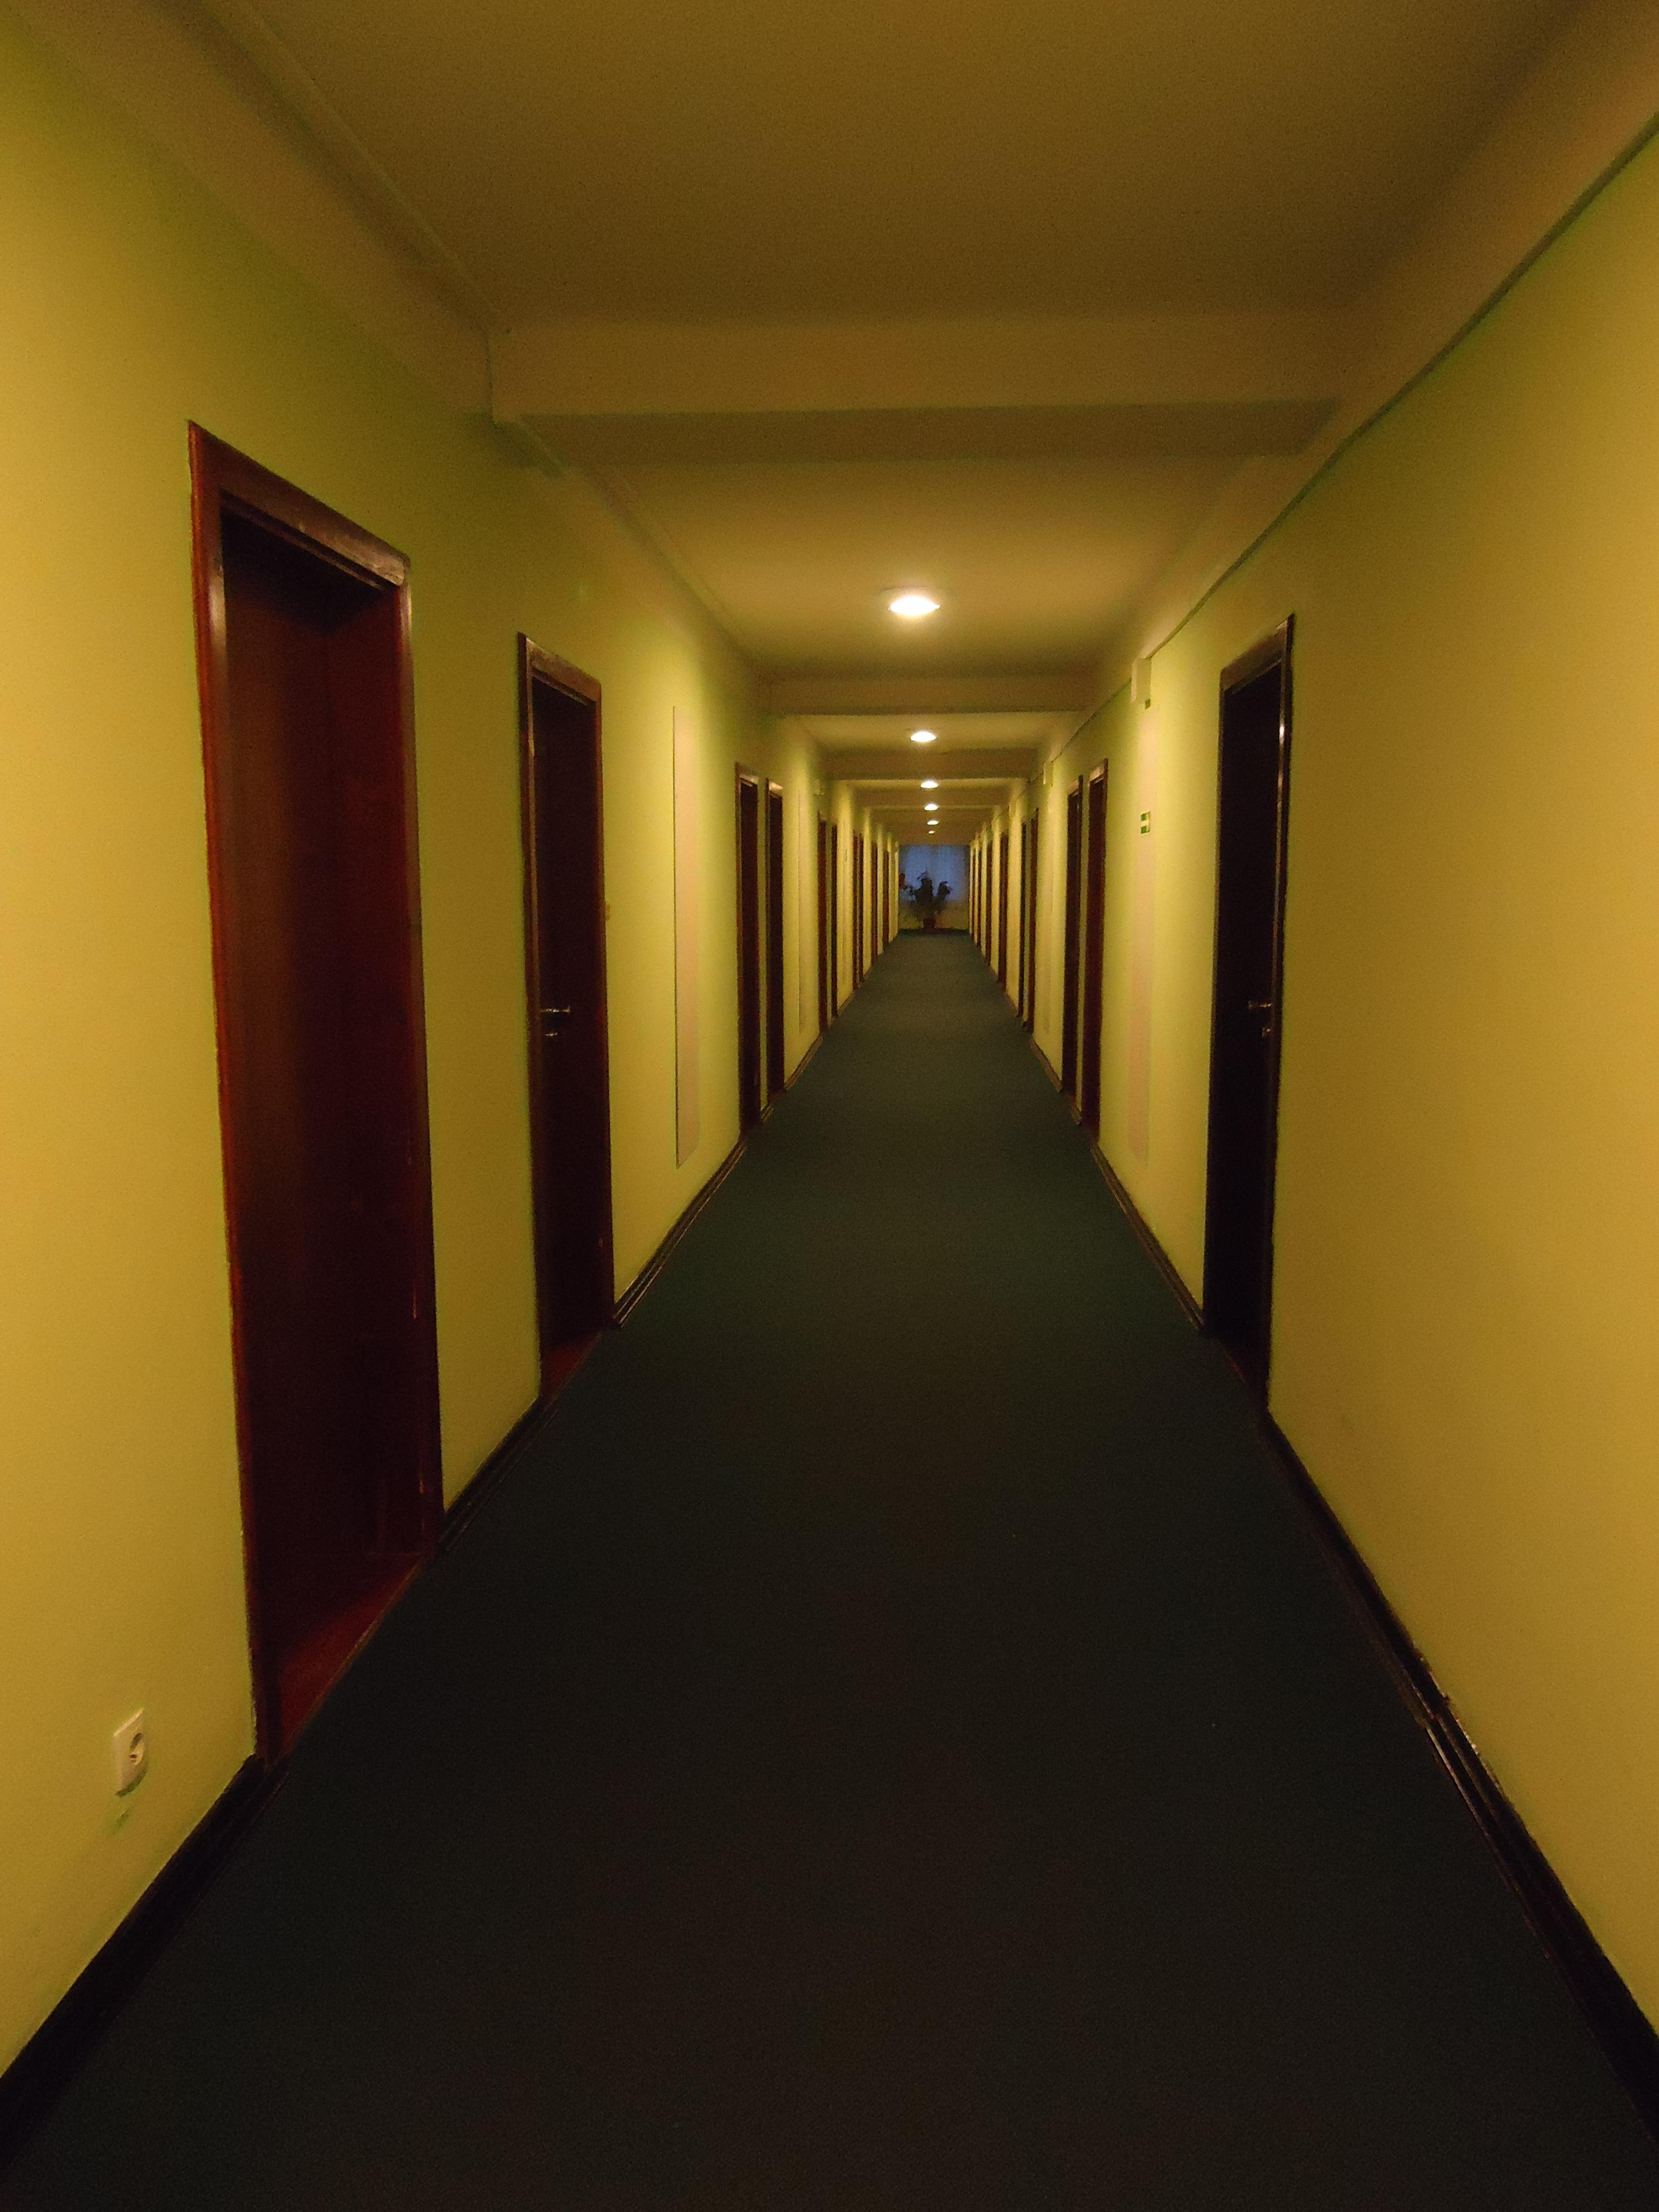 Kostenlose foto : Licht, Haus, Stock, Perspektive, Zuhause, Mauer ...